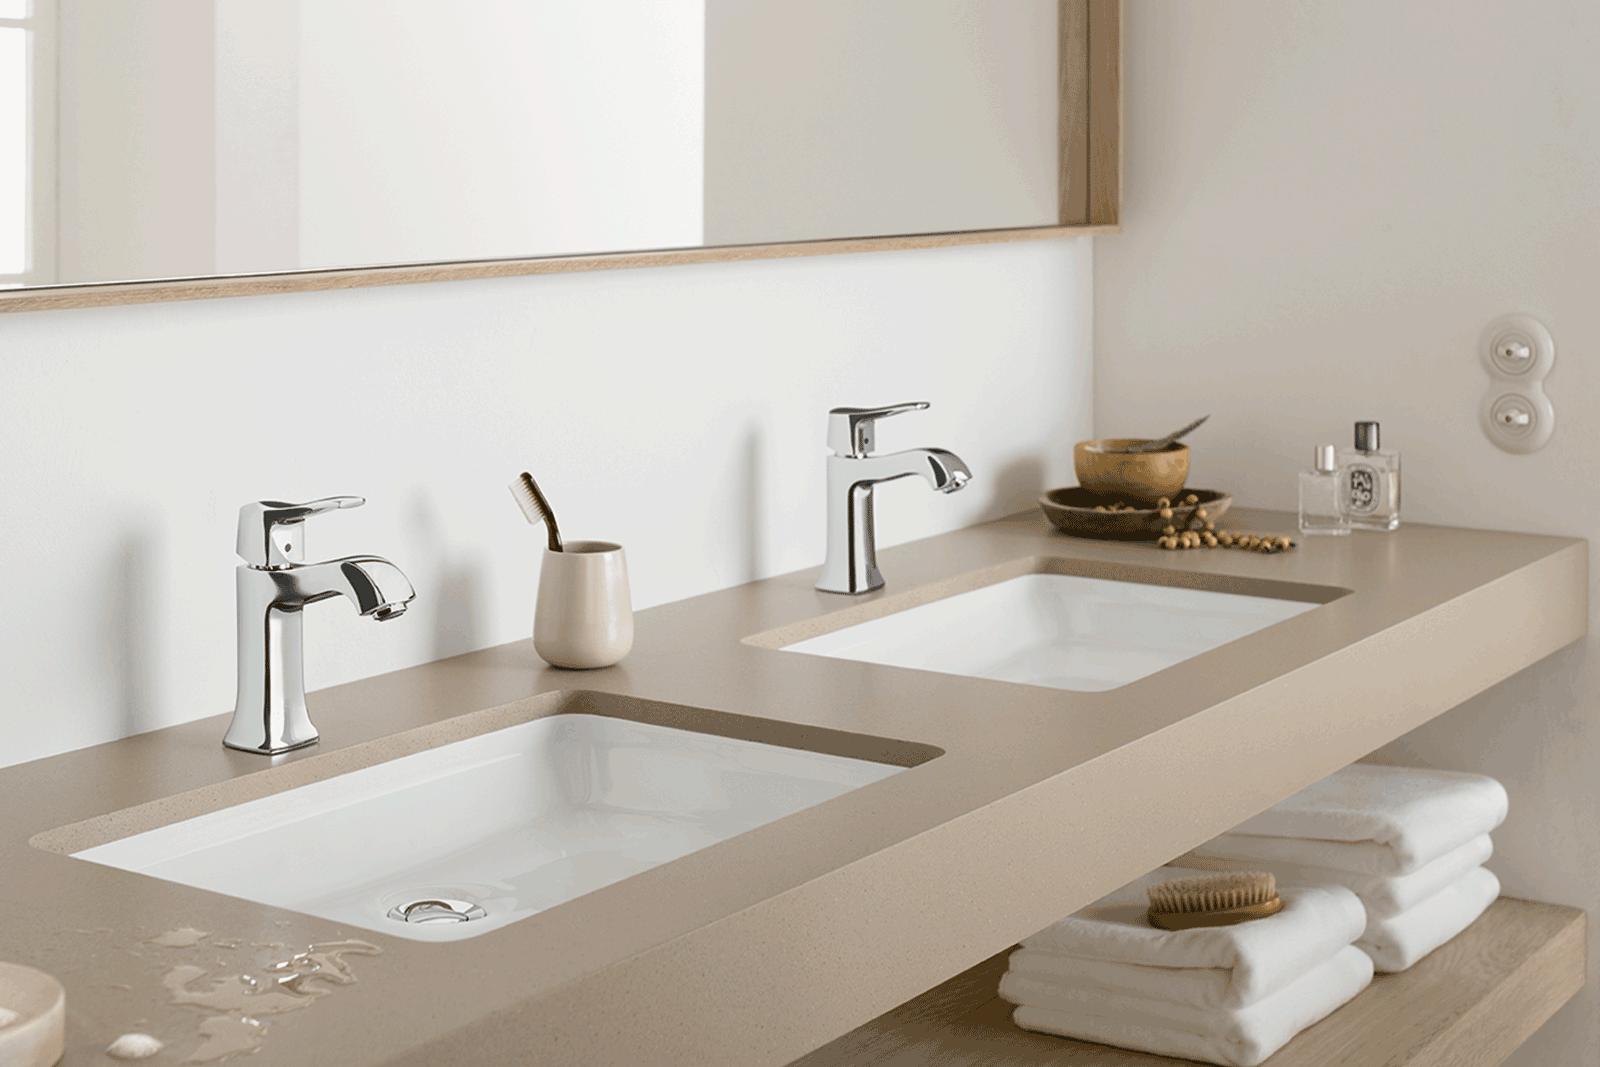 Hansgrohe Metris bathroom sinks